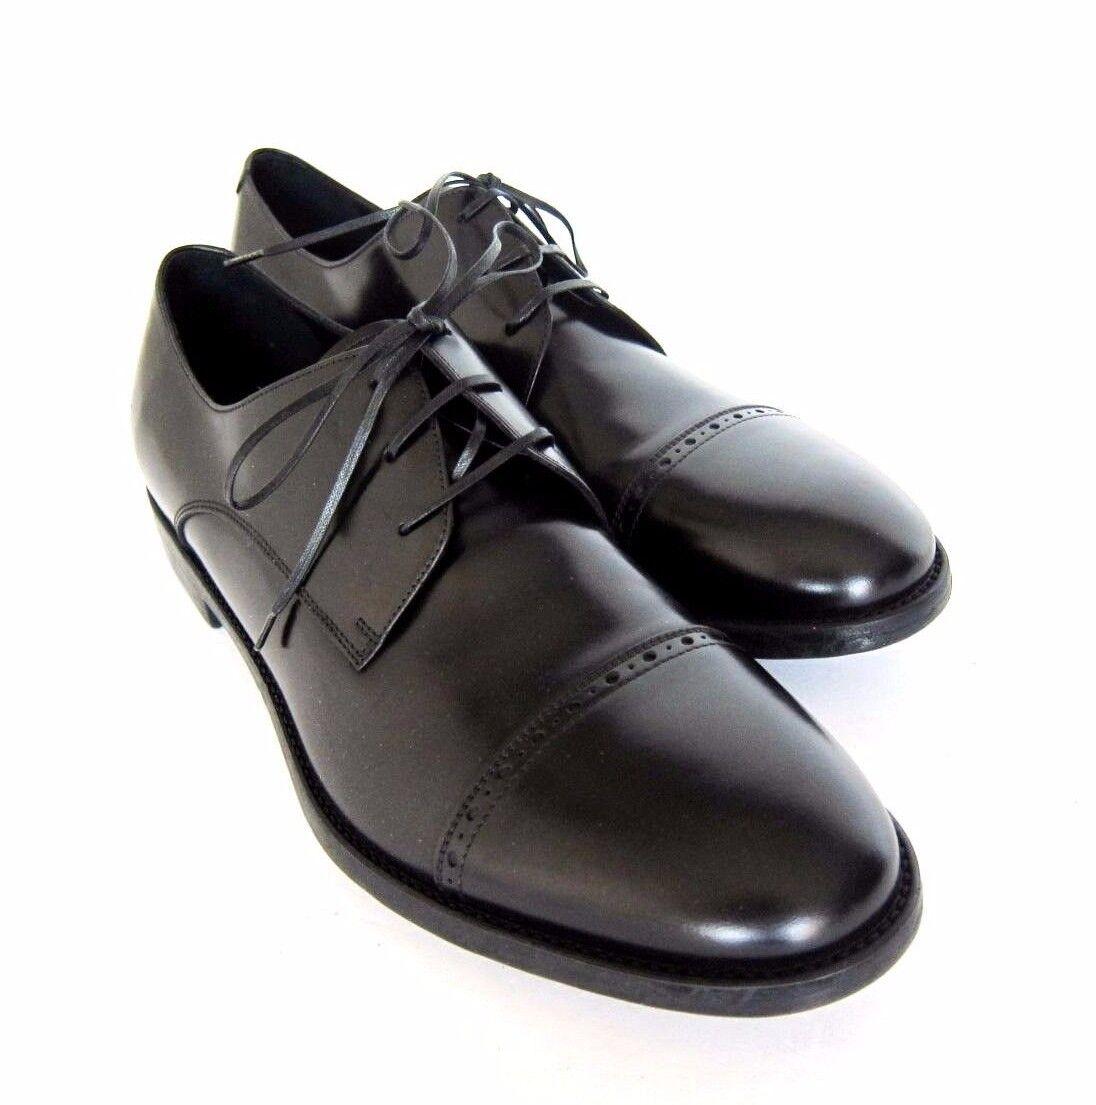 S-1725226 Nuovo Salvatore Ferragamo Sireno black pelle con Lacci shoes Misura